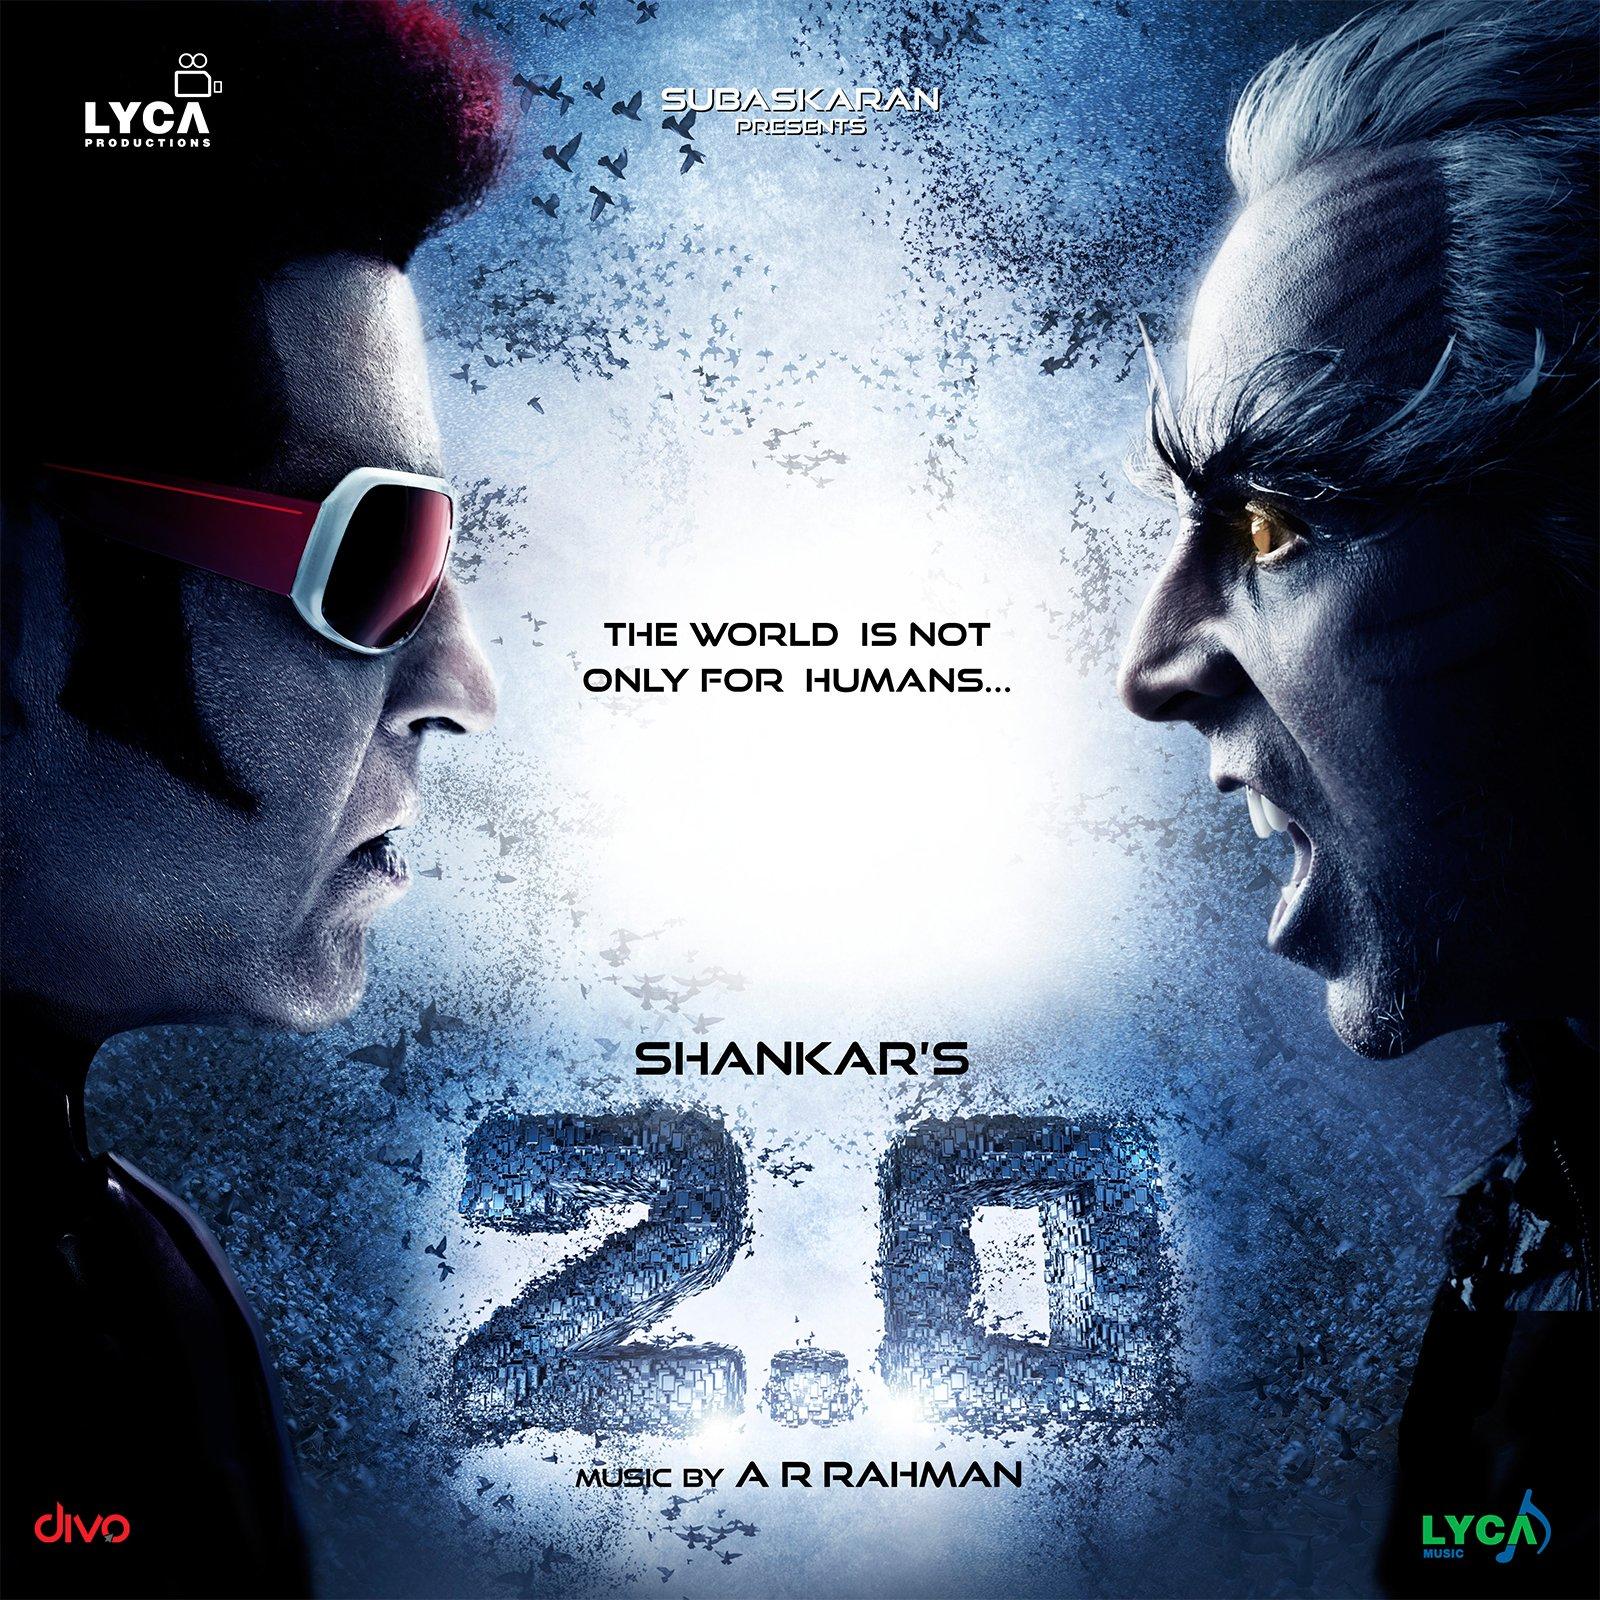 Rajnikanth Akshay Kumar Movie 2.0 Teaser Leaked